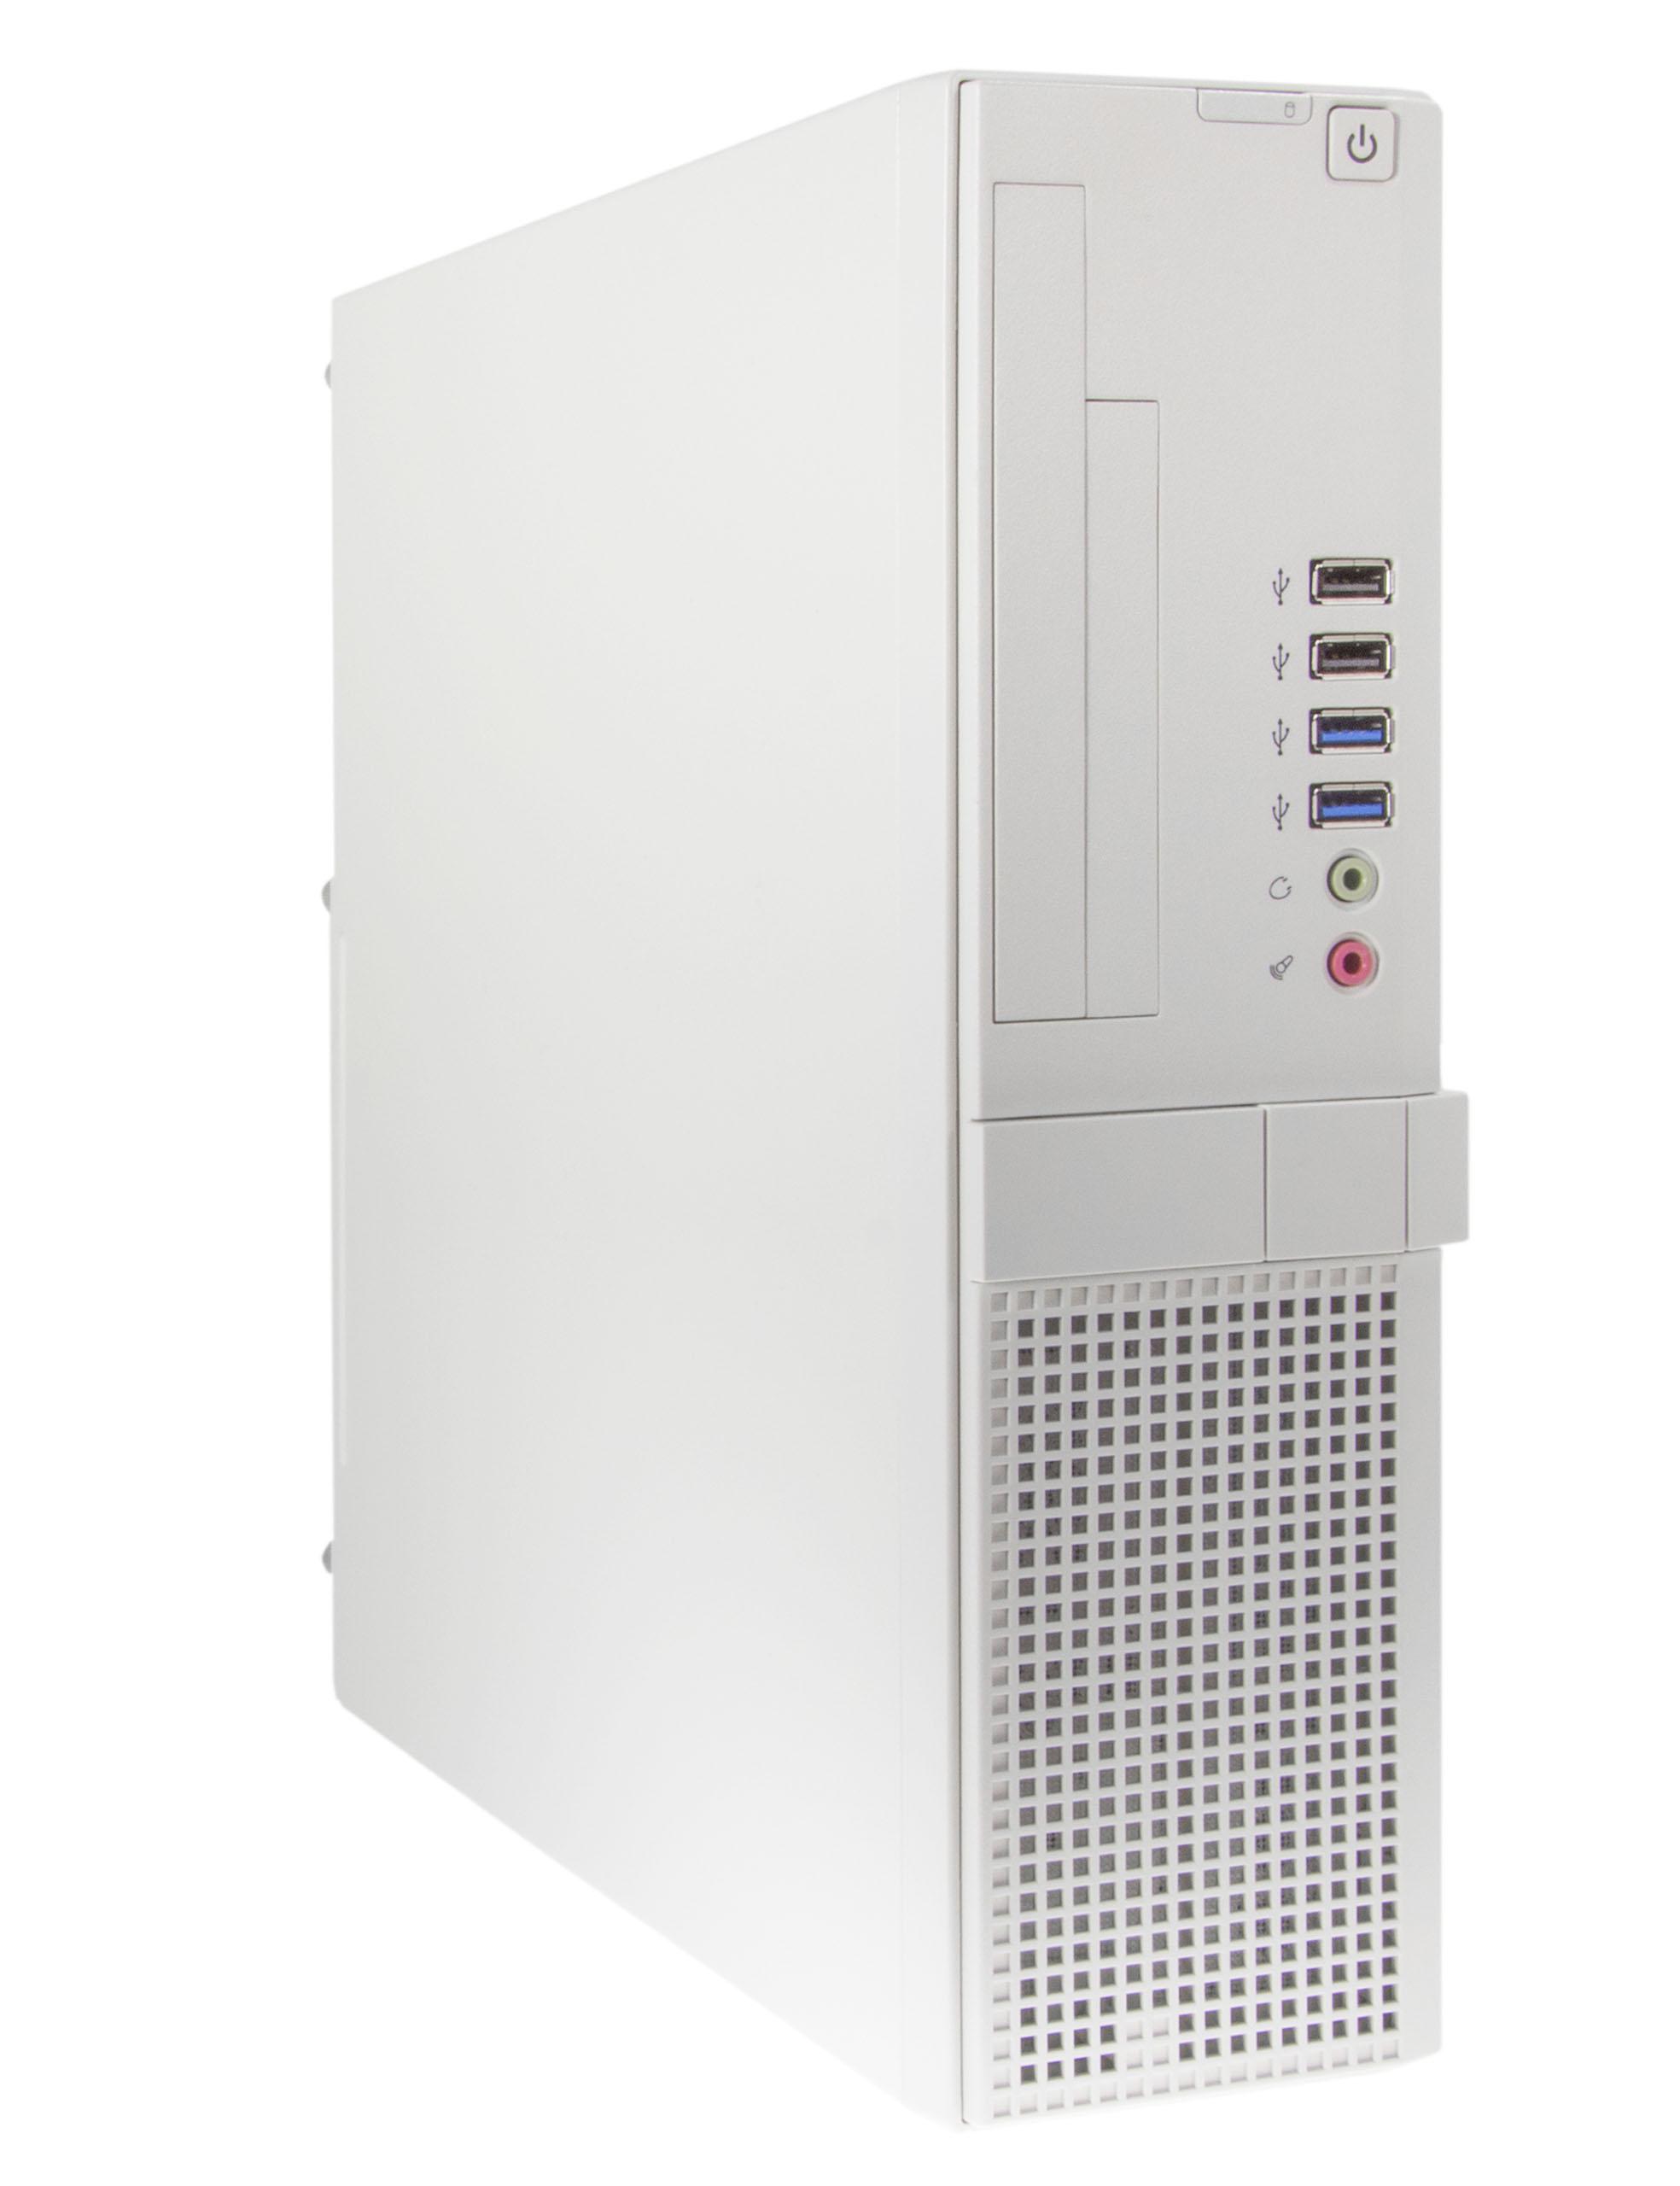 OBUDOWA KOMPUTEROWA PC72239 SLIM MINI ITX USB